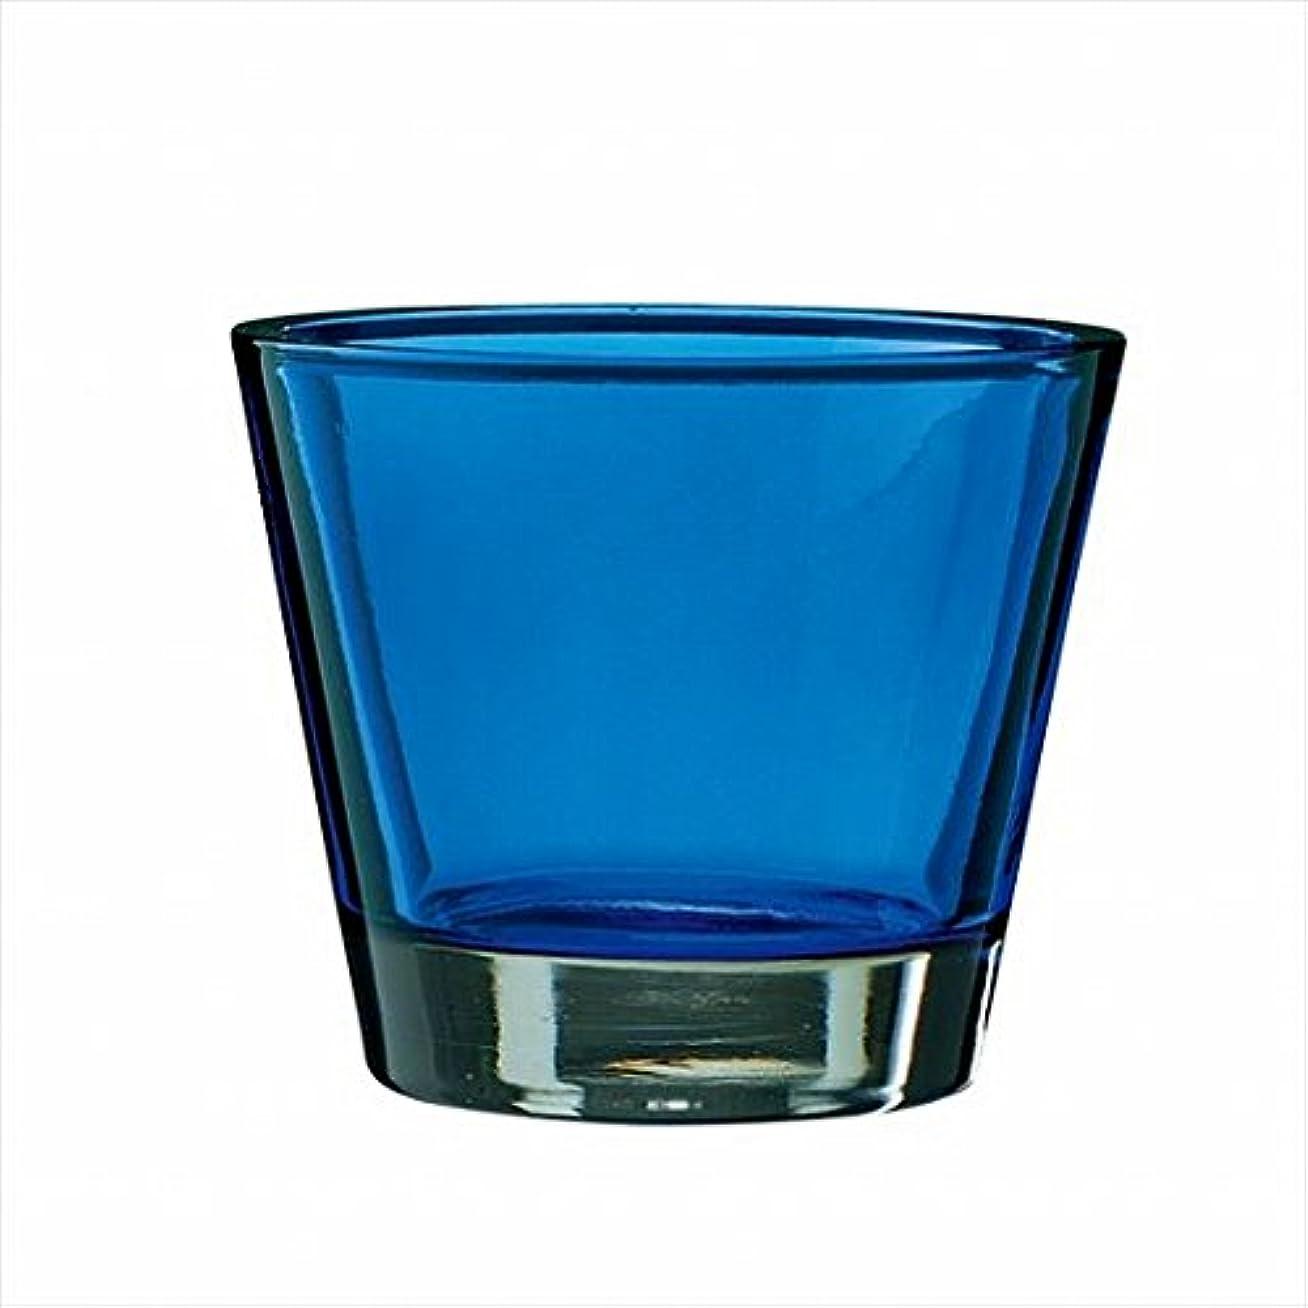 十分です限り結婚カメヤマキャンドル( kameyama candle ) カラリス 「 ブルー 」